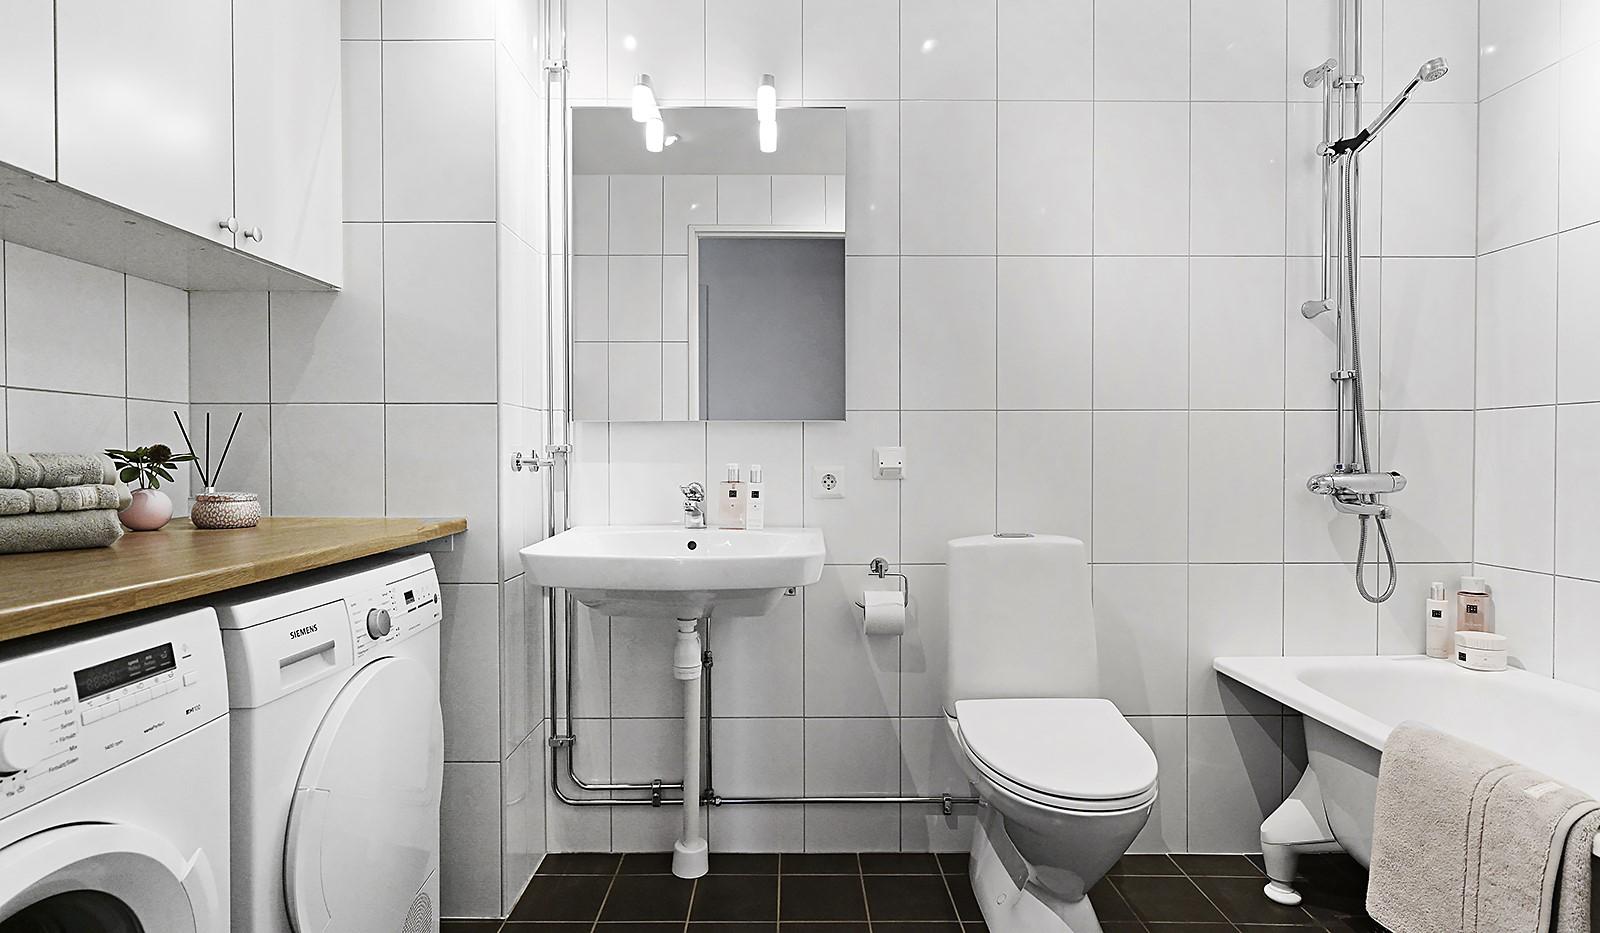 Grönbrinksgatan 8, 6 tr - Stilrent och fullt utrustat badrum